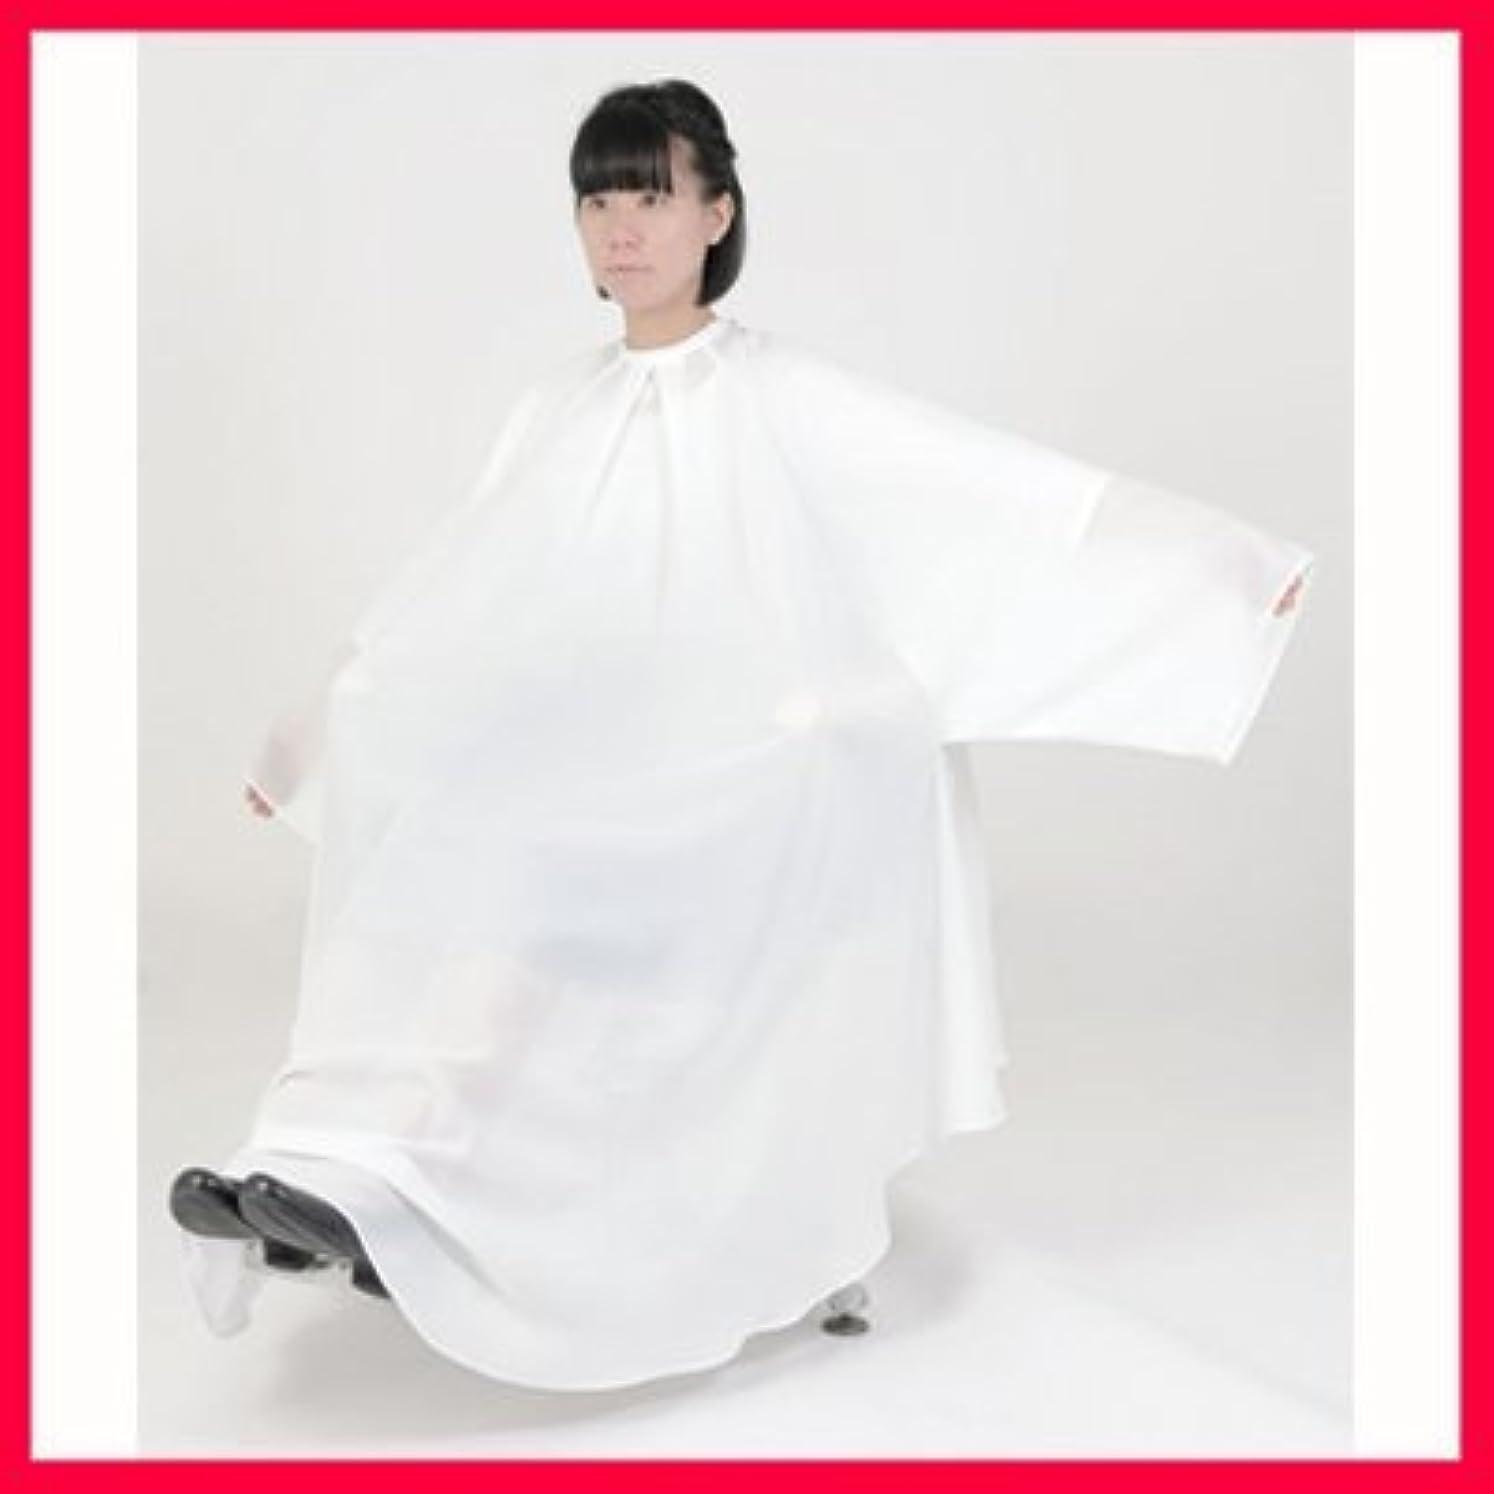 返済ベジタリアン小説エクセル 8112 ビッグドレス(カット)ホワイト